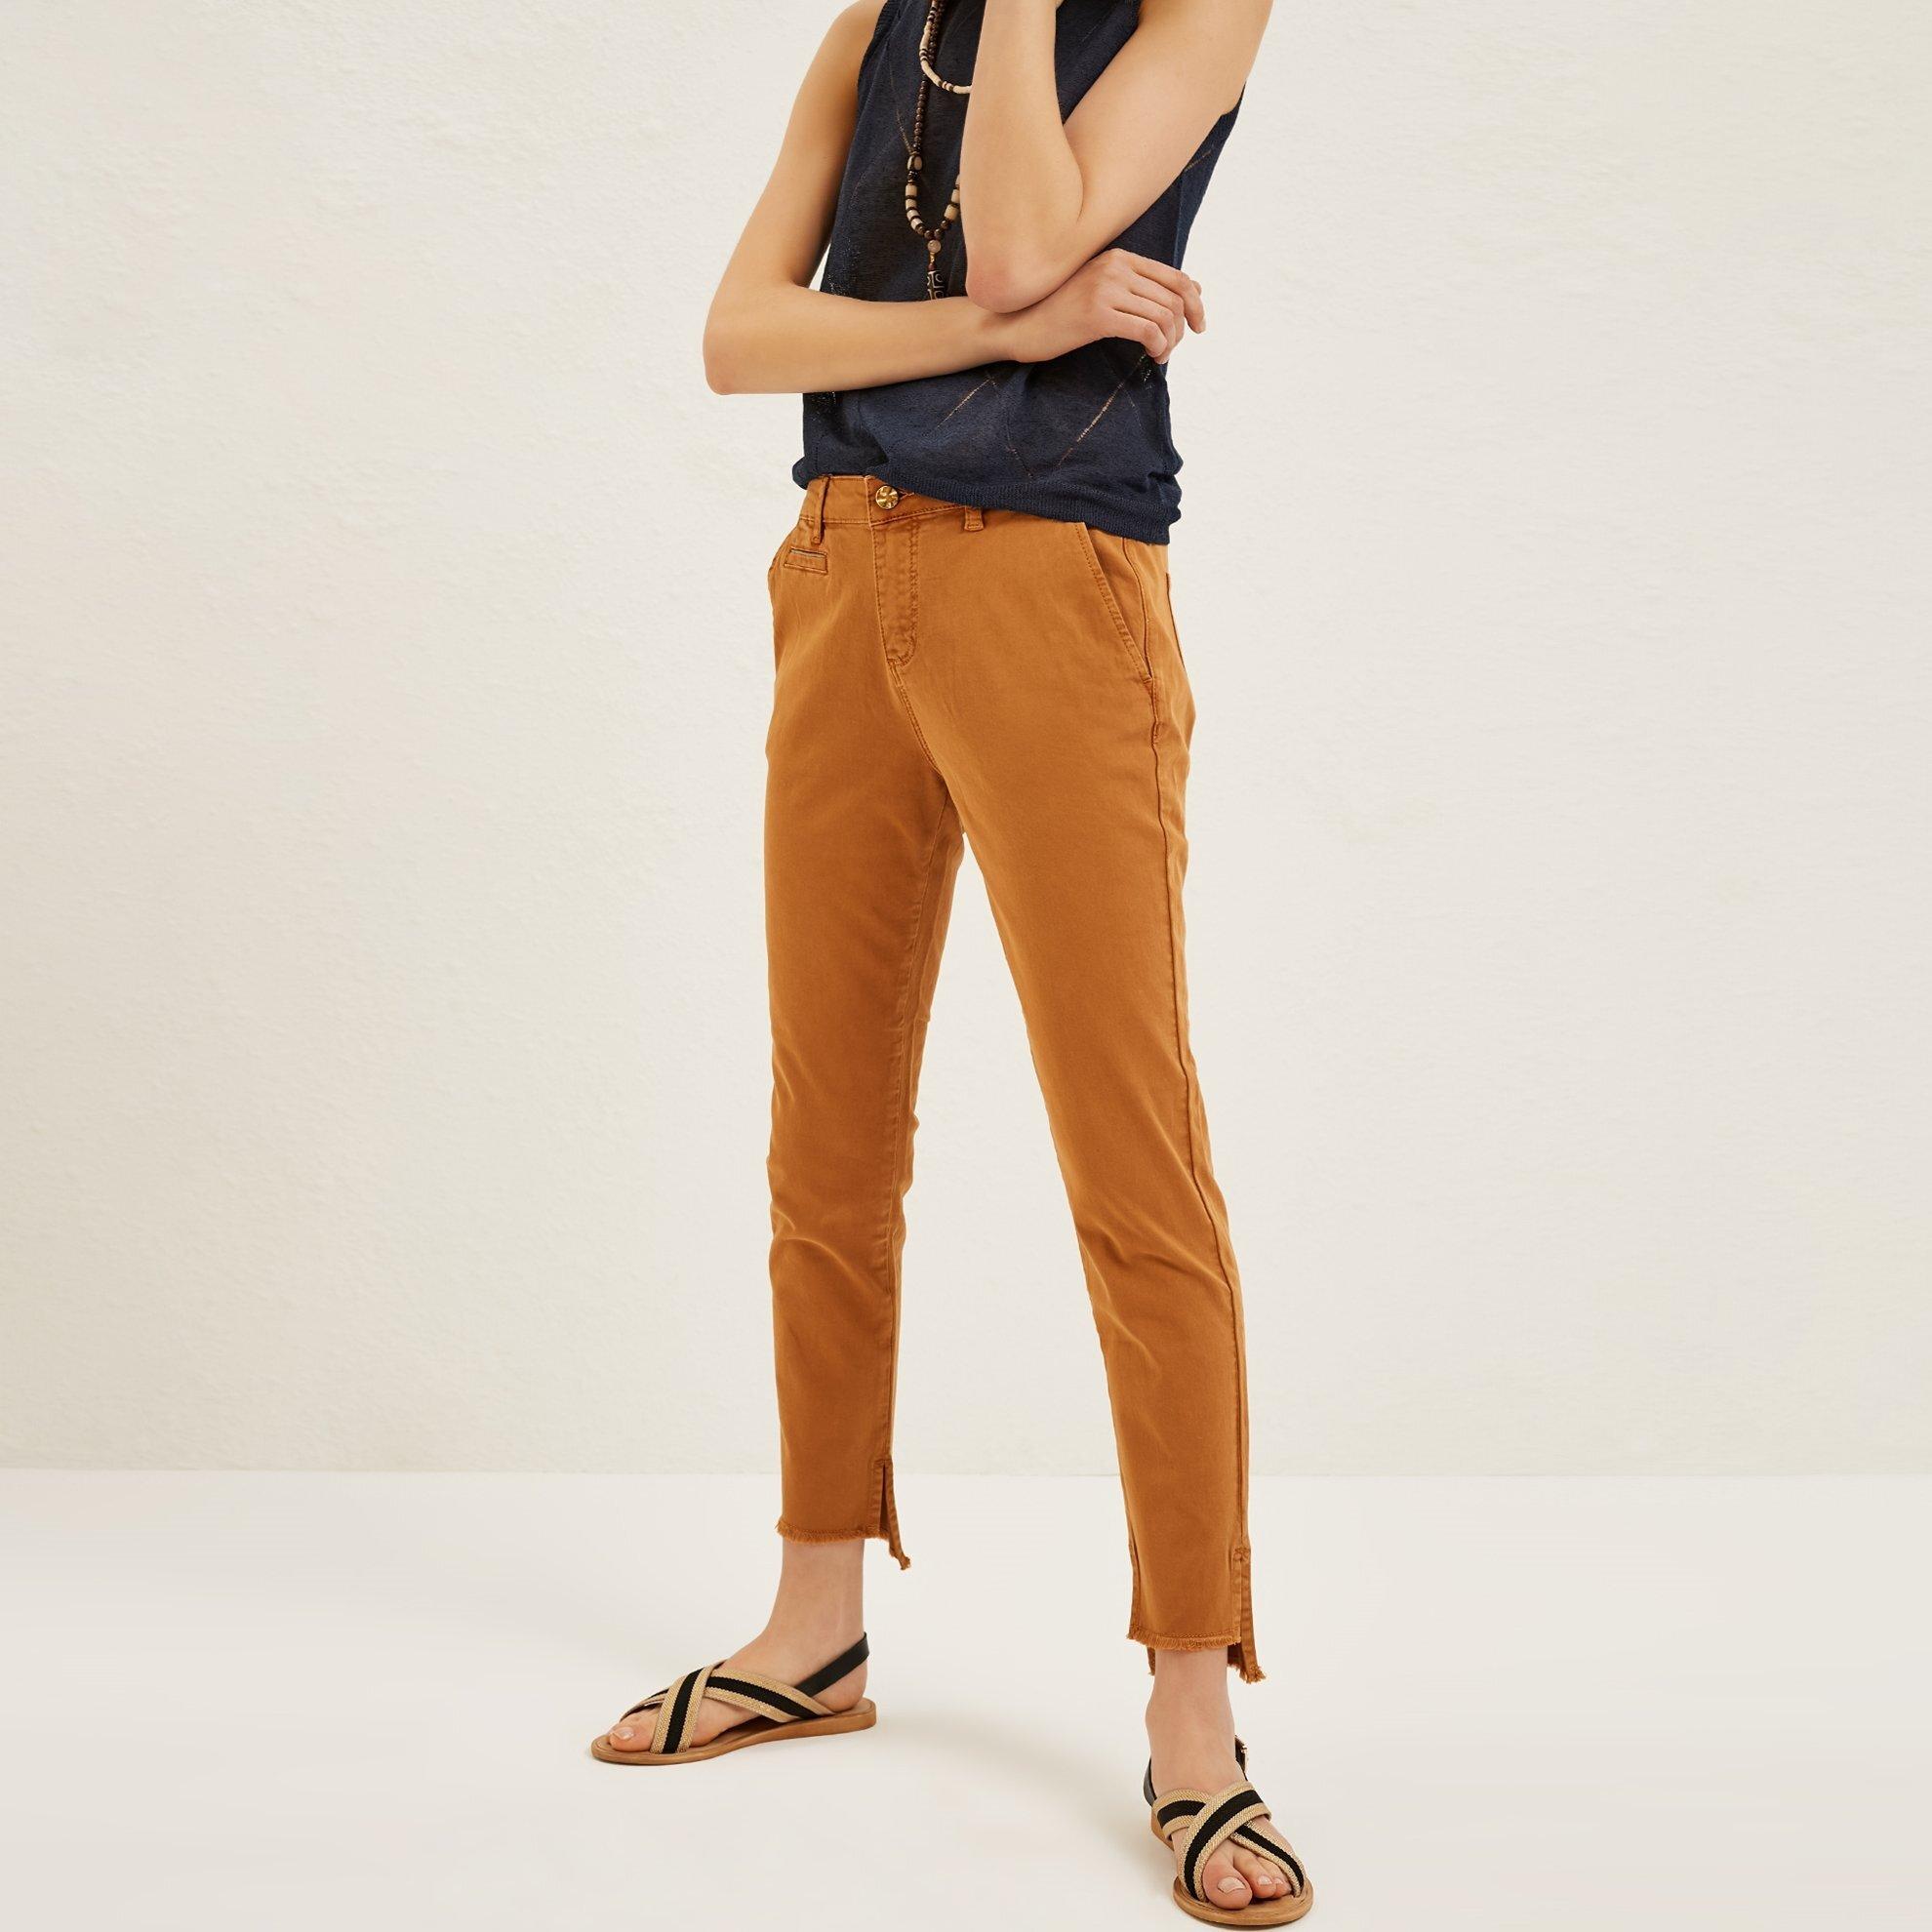 Damen Hose mit Seitenstreifen